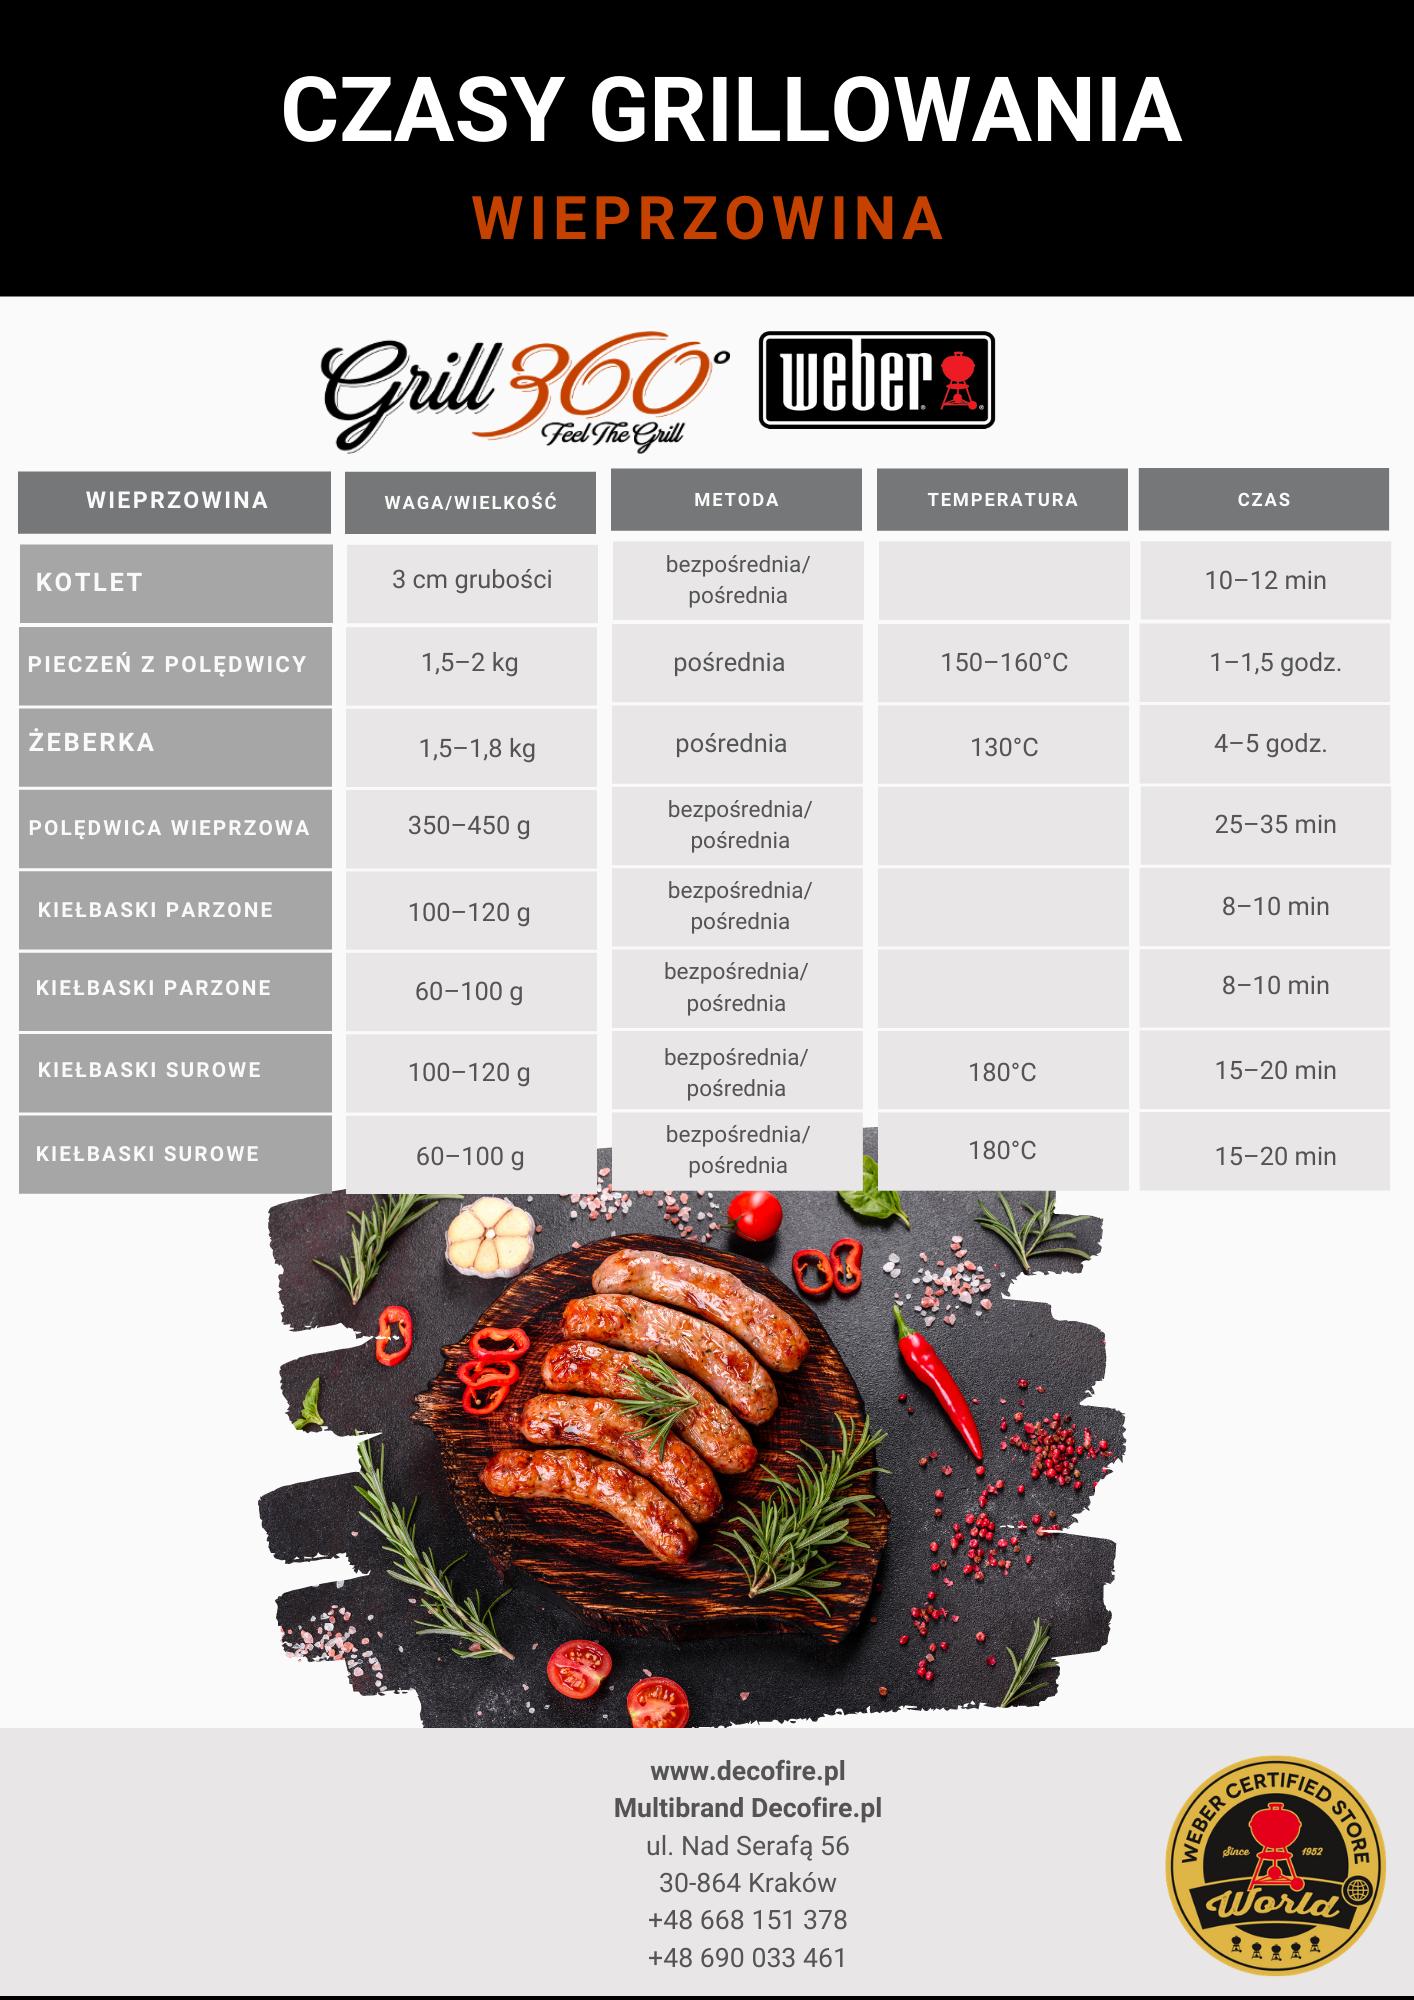 grillowanie wieprzowiny